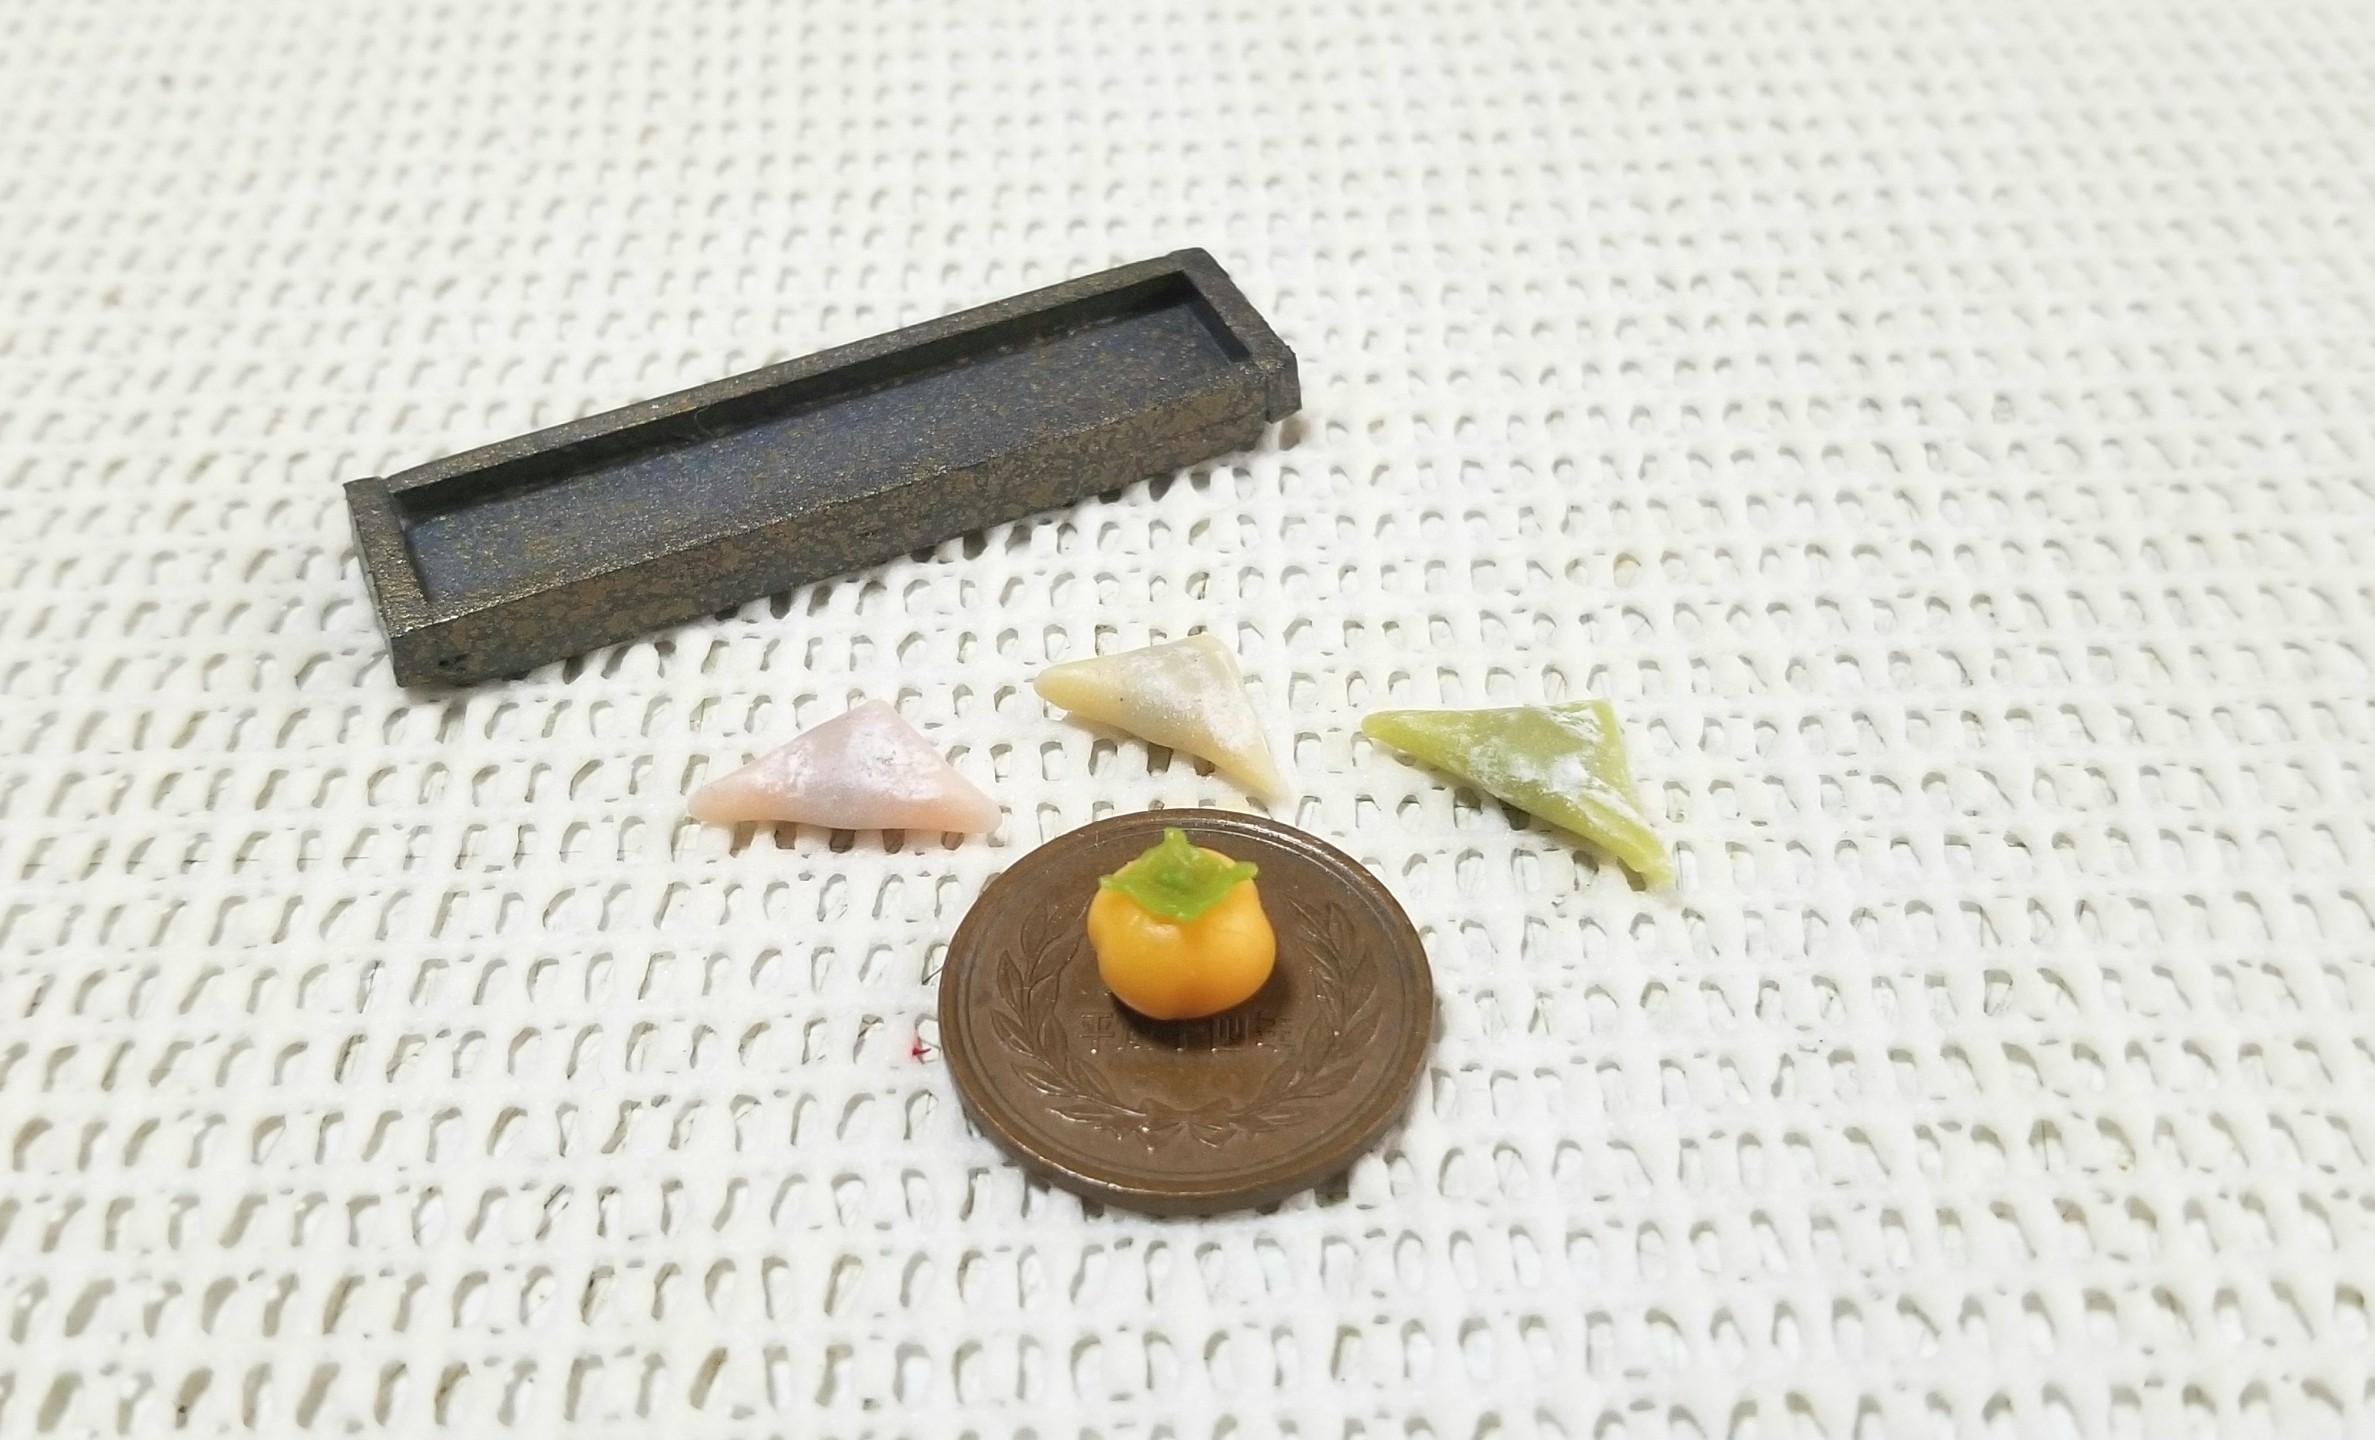 ミニチュアフード,和菓子,ミンネにて販売中,樹脂粘土,食品サンプル